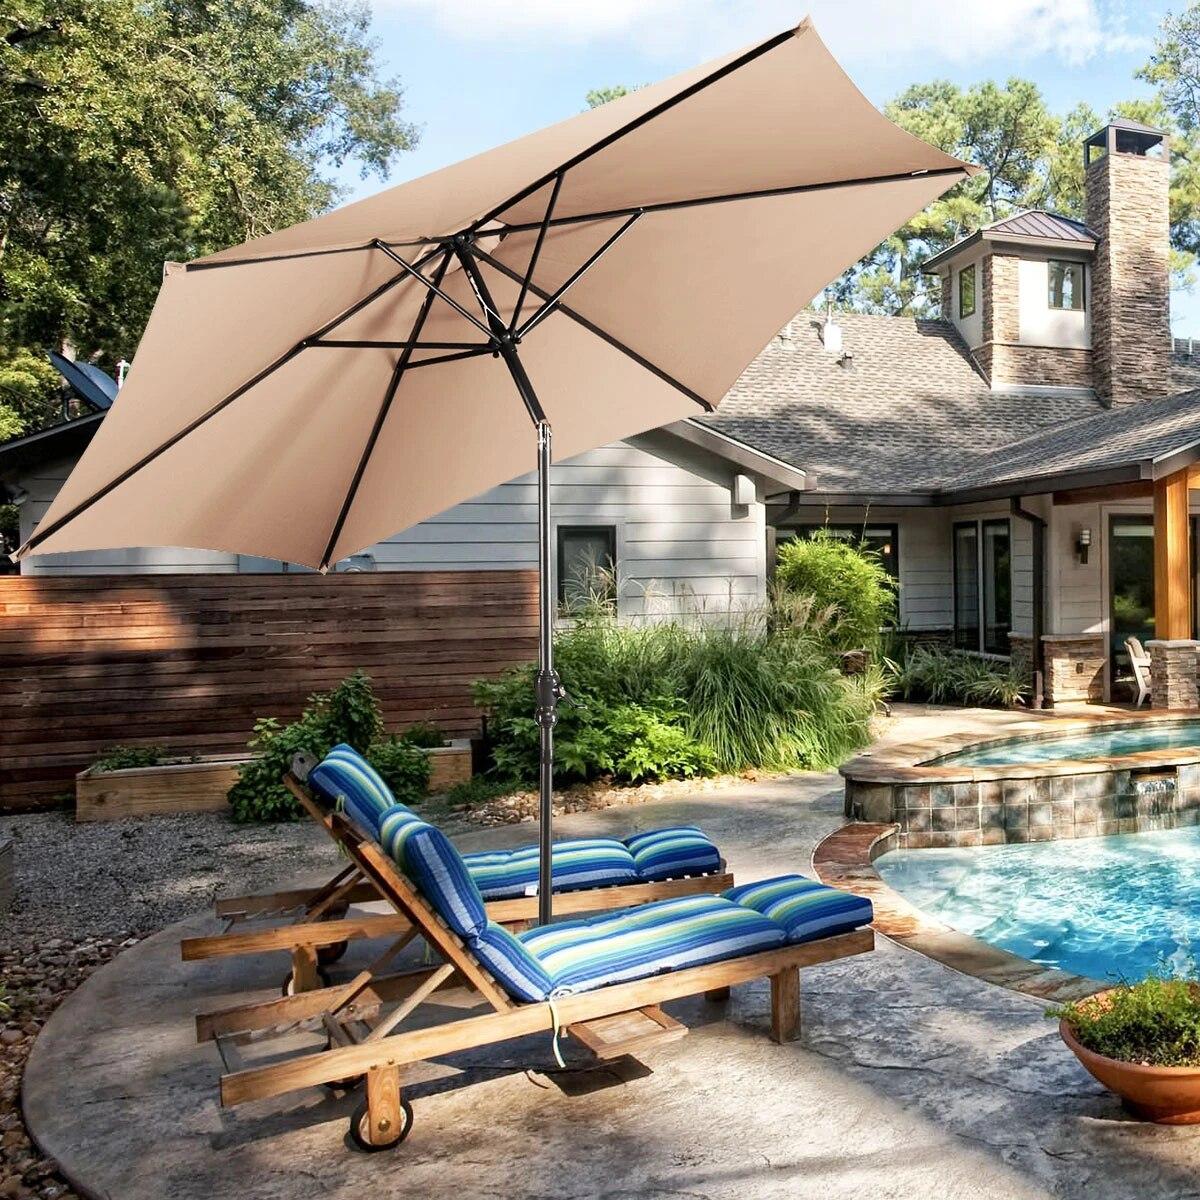 costway 10ft patio umbrella 6 ribs market steel tilt w crank outdoor garden beige